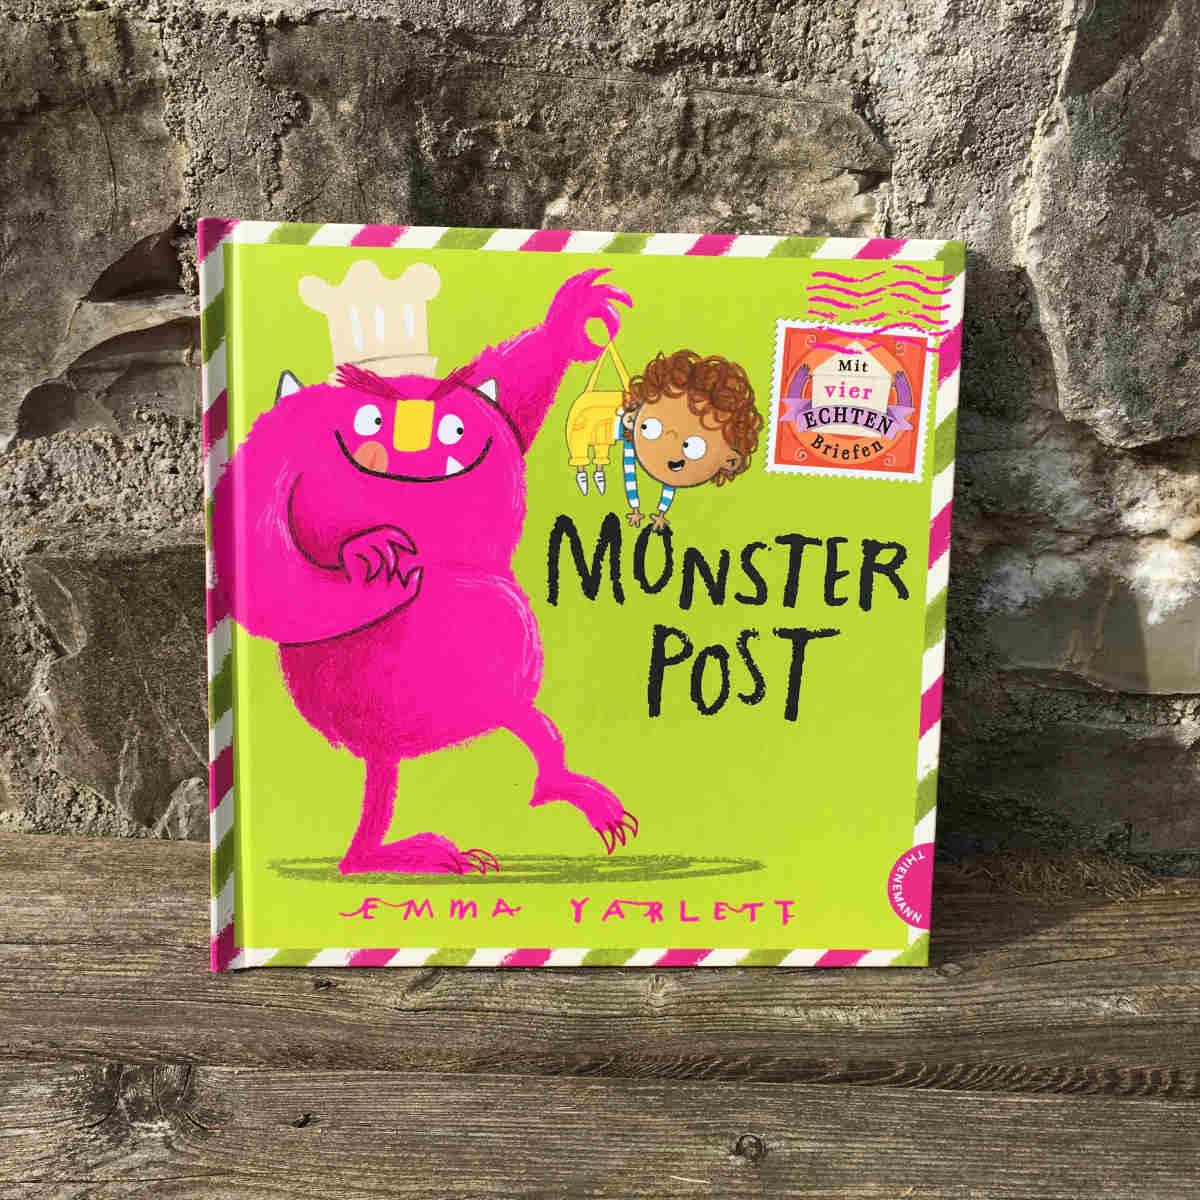 Emma Yarlett Monsterpost Brigitte Wallingers Kinder- und Jugendbuchblog Buchtipps für Kinder und Jugendliche Kids und Teens Buchempfehlung musst du lesen